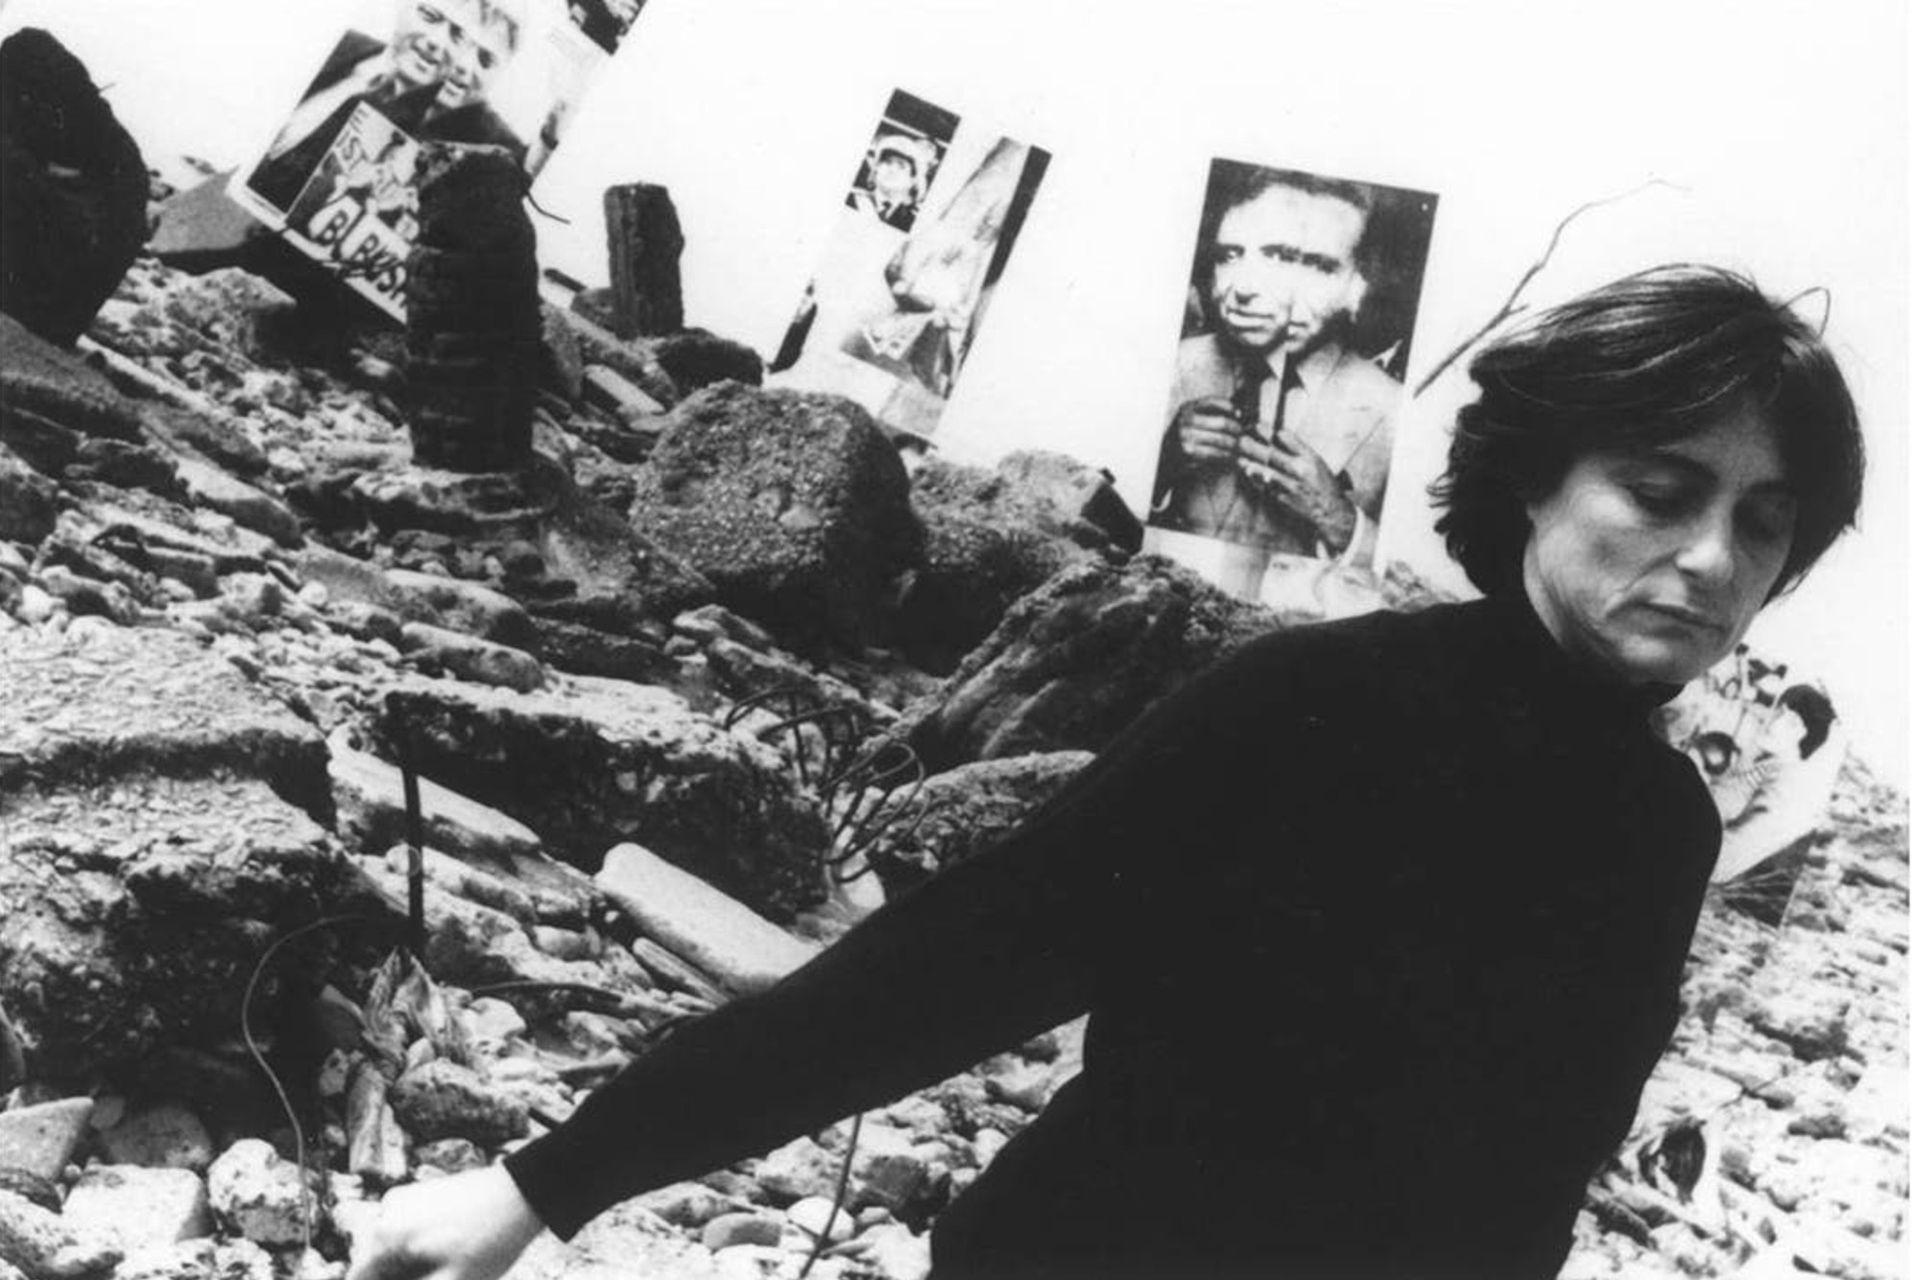 Retratada por Ludmila en la fotoperformance Imagen Pública - Altas Esferas, en Costanera Sur en 1993. Integra la muestra actual en Rolf Art